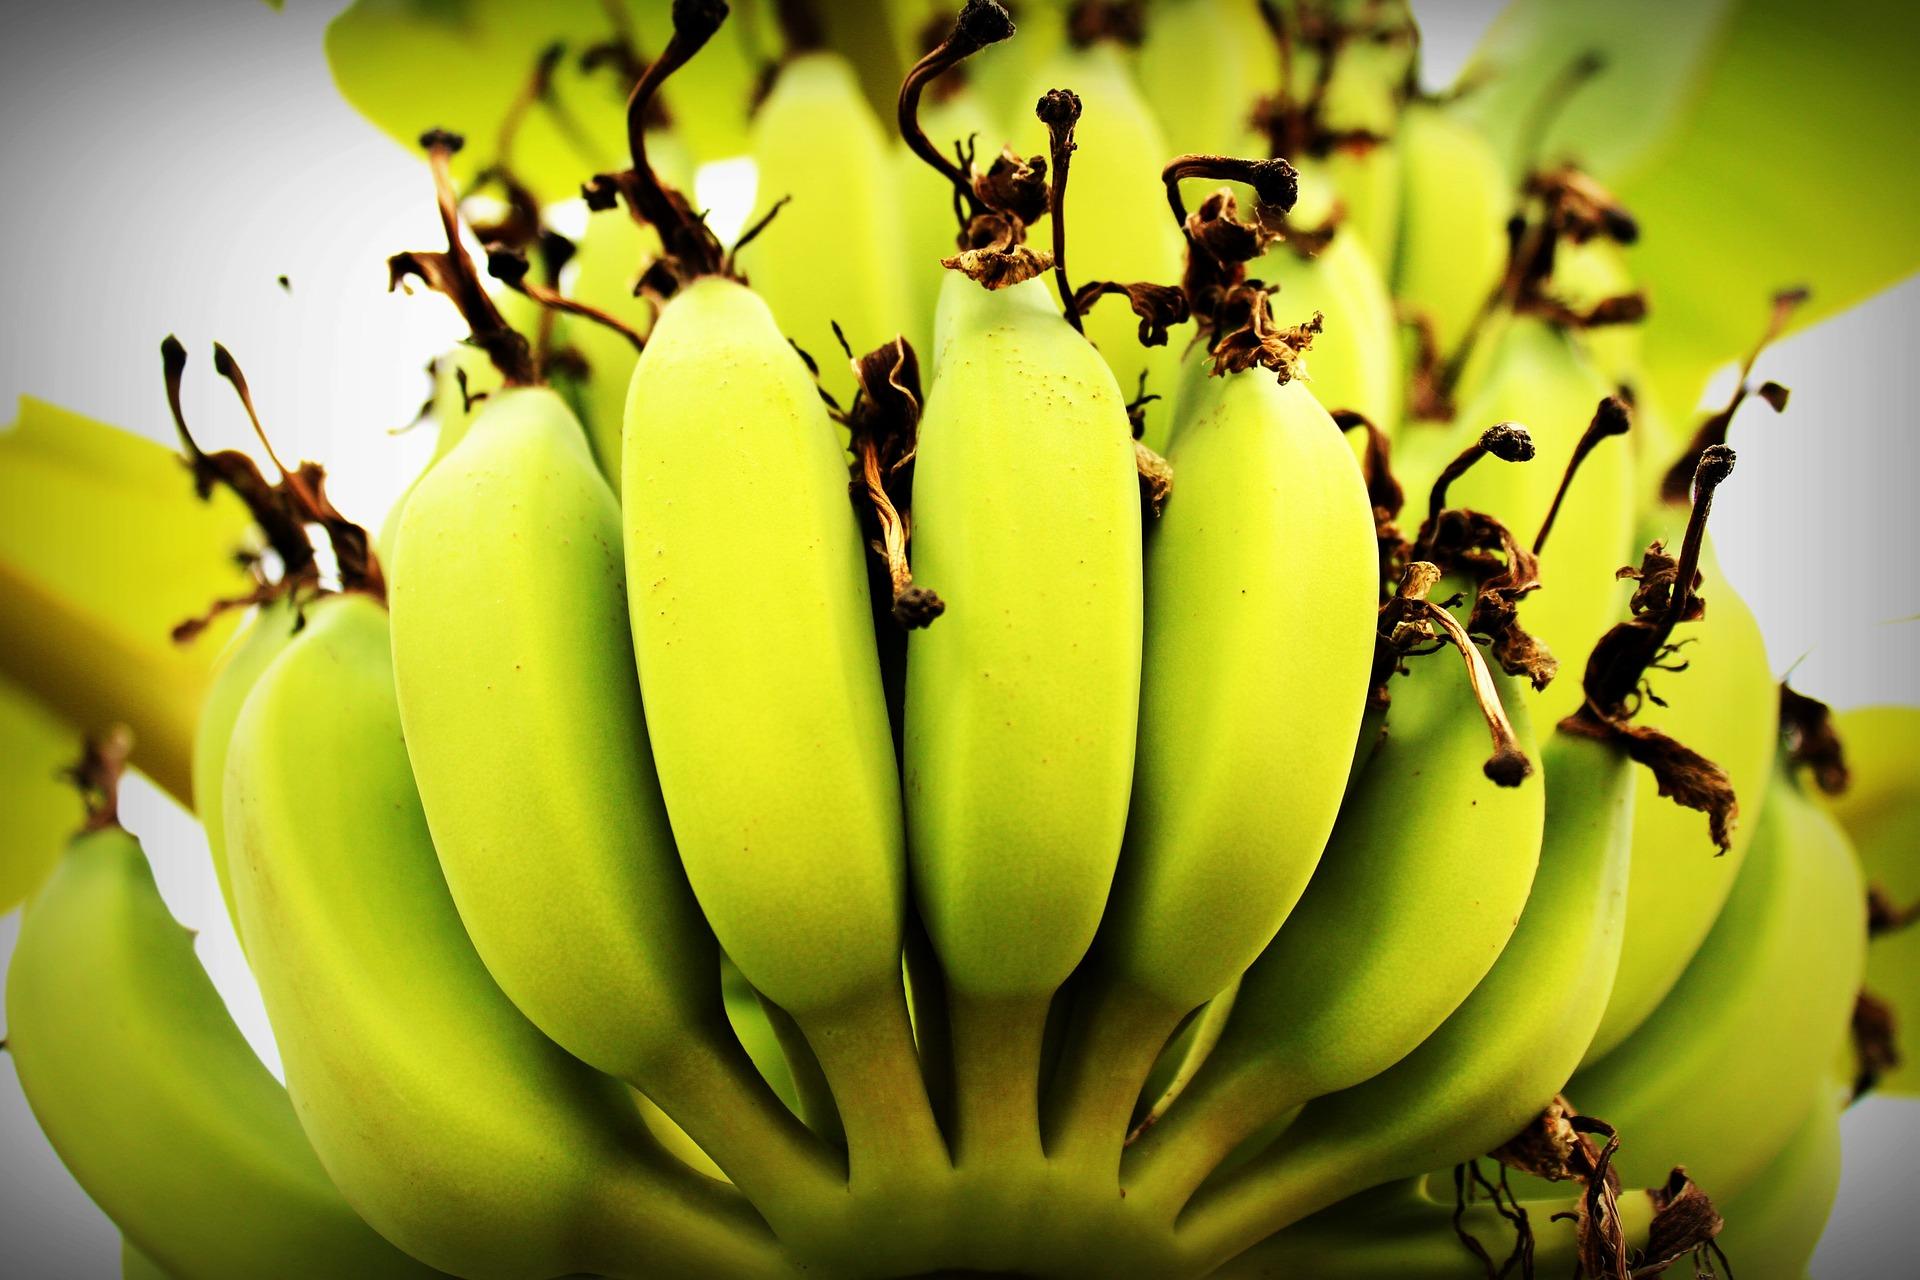 banana-1549158_1920